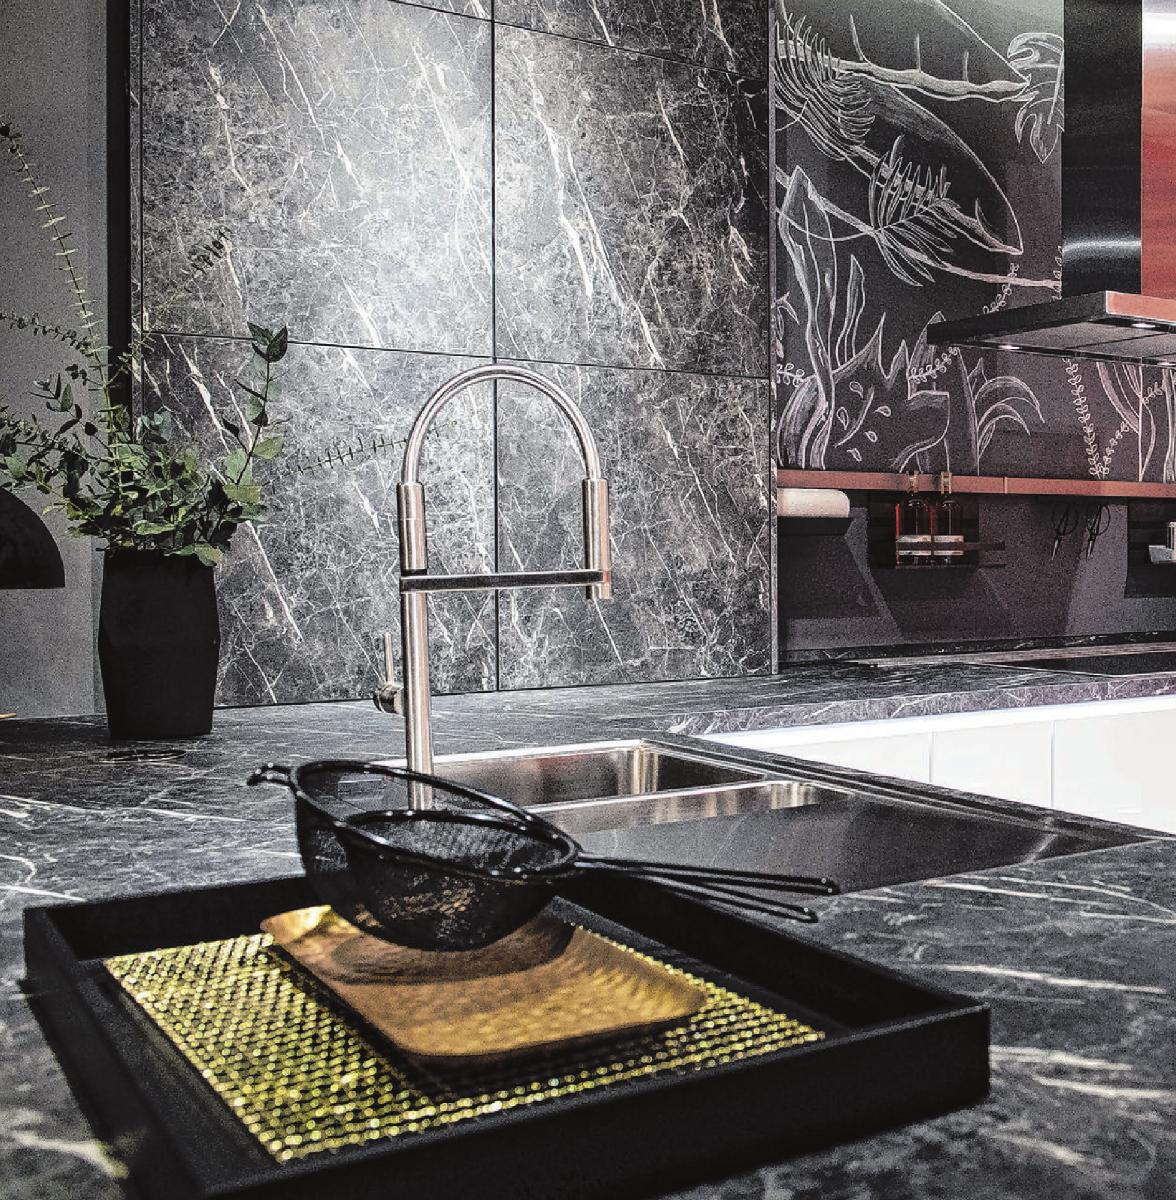 Schwarz ist eine der Küchentrendfarben des Jahres.Foto: Franziska Gabbert/dpa